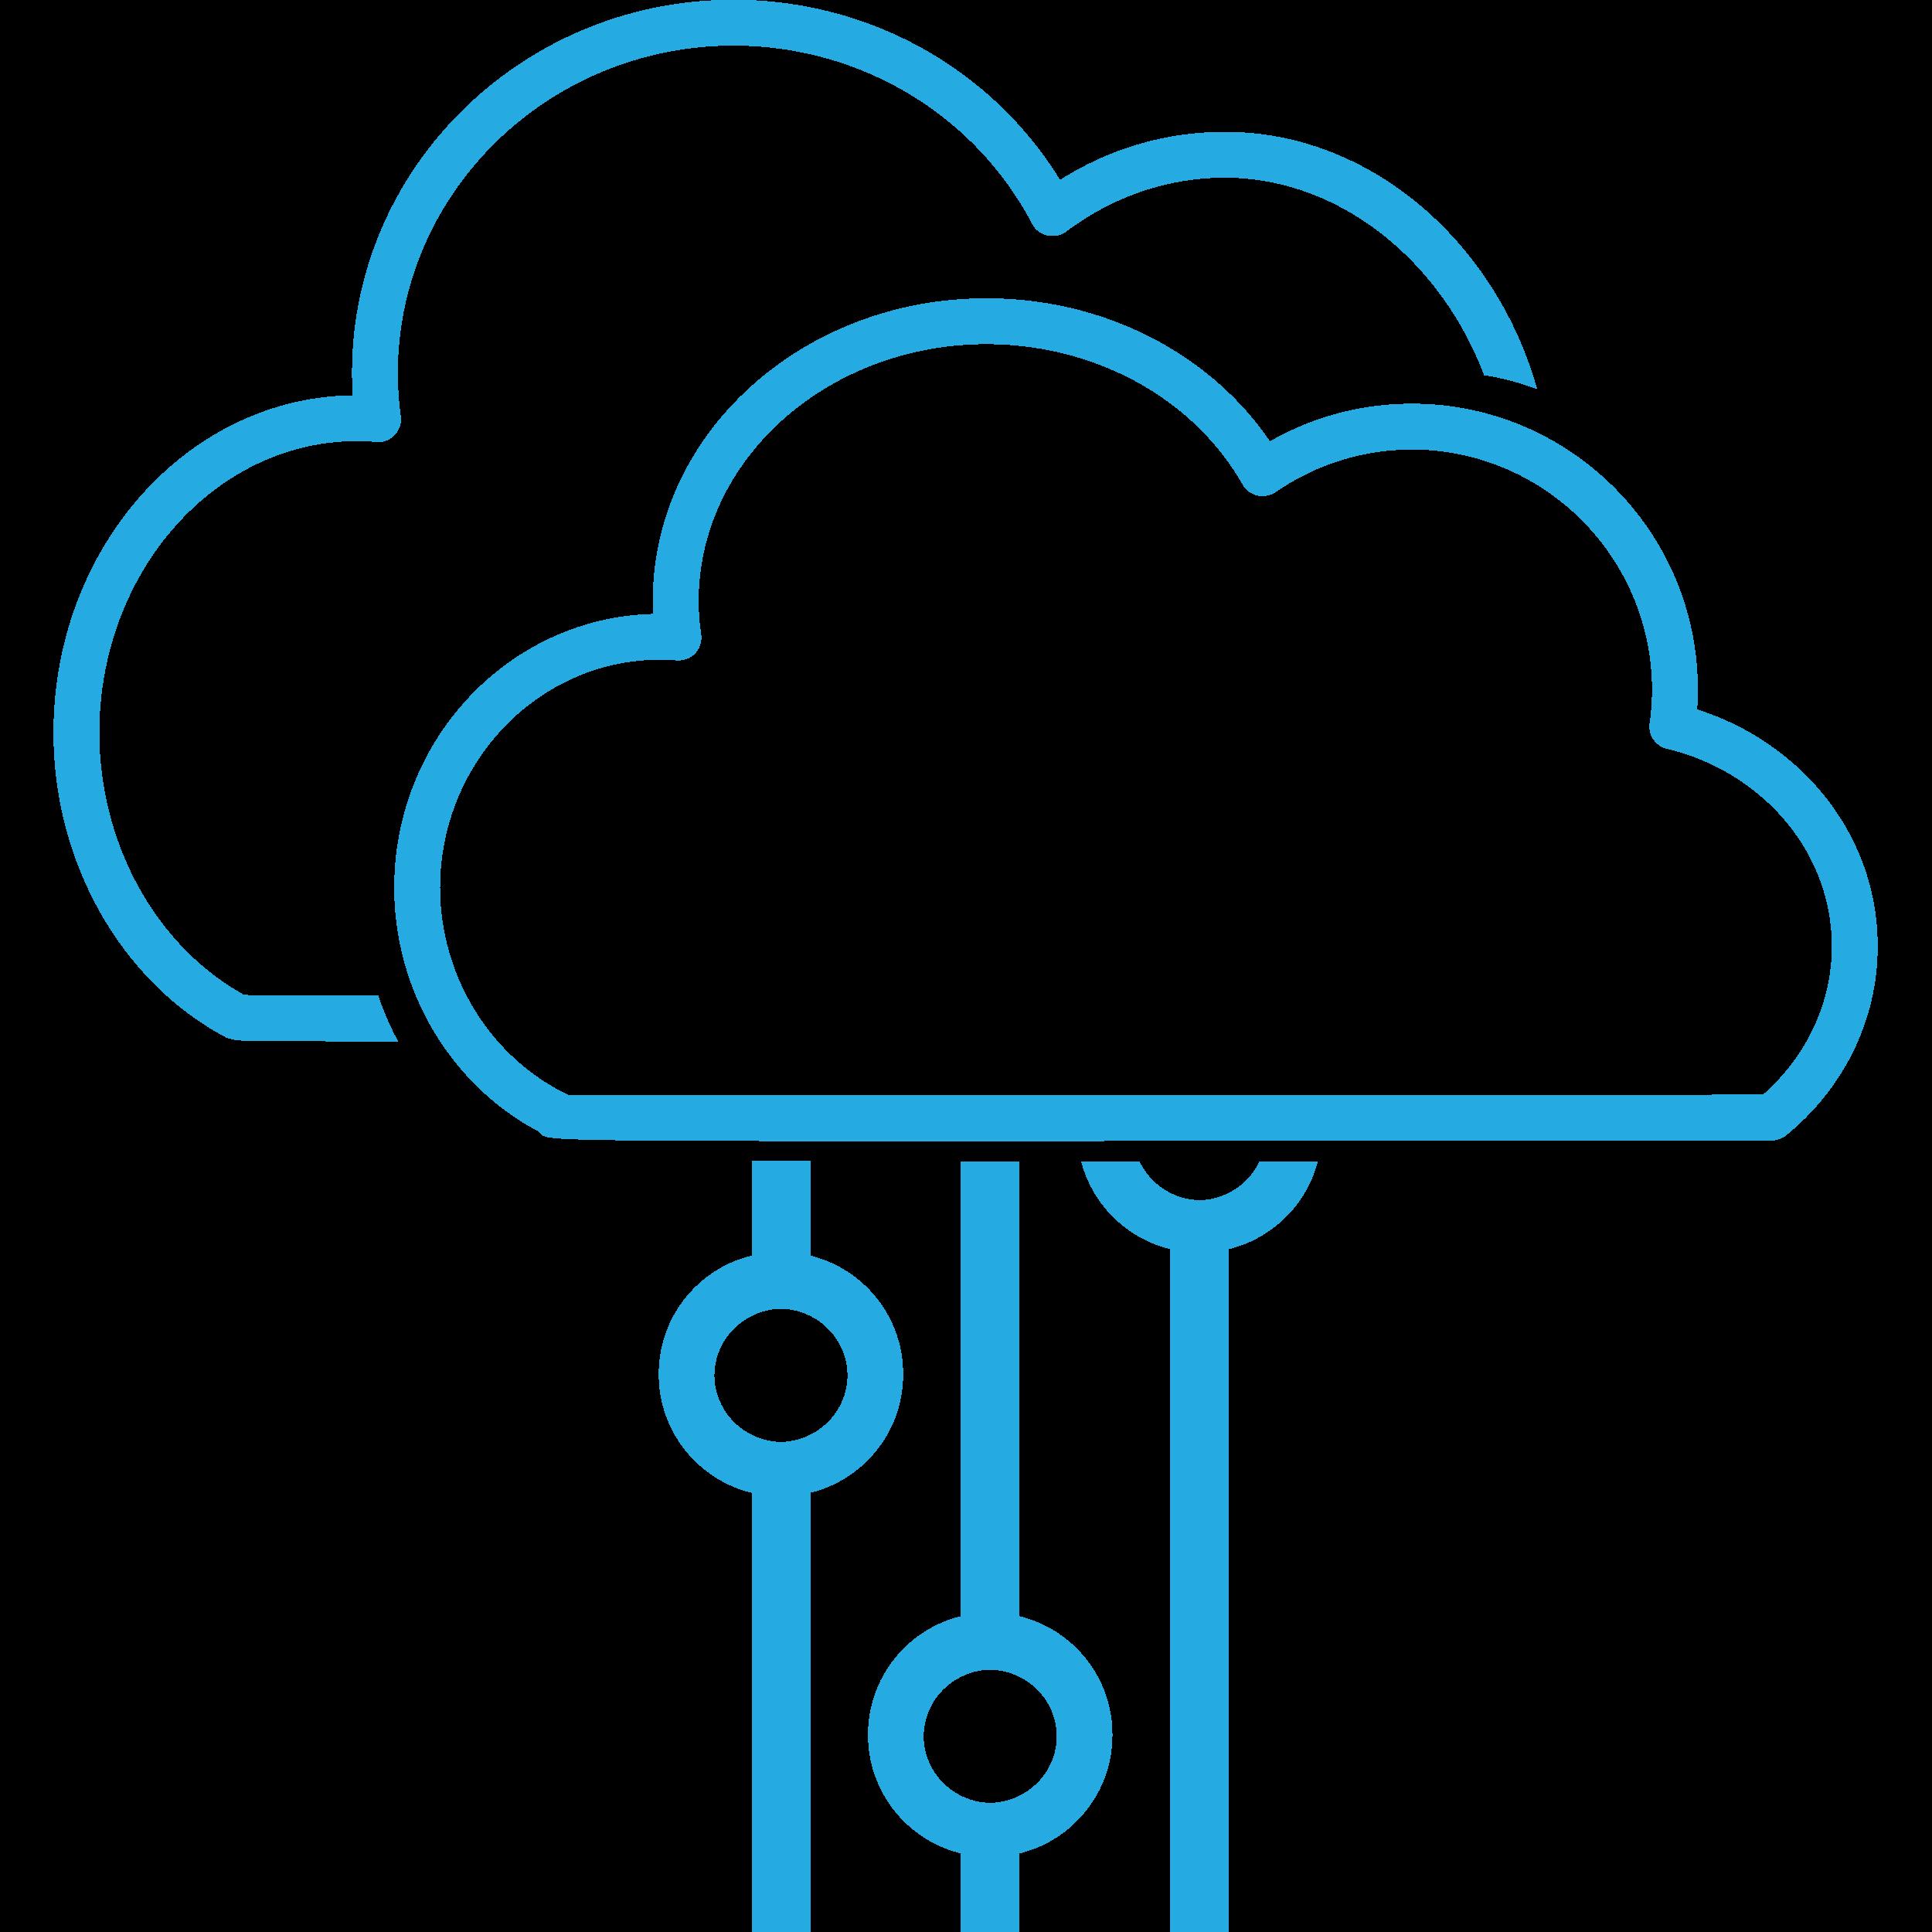 MINDSEYE_cloud.jpg